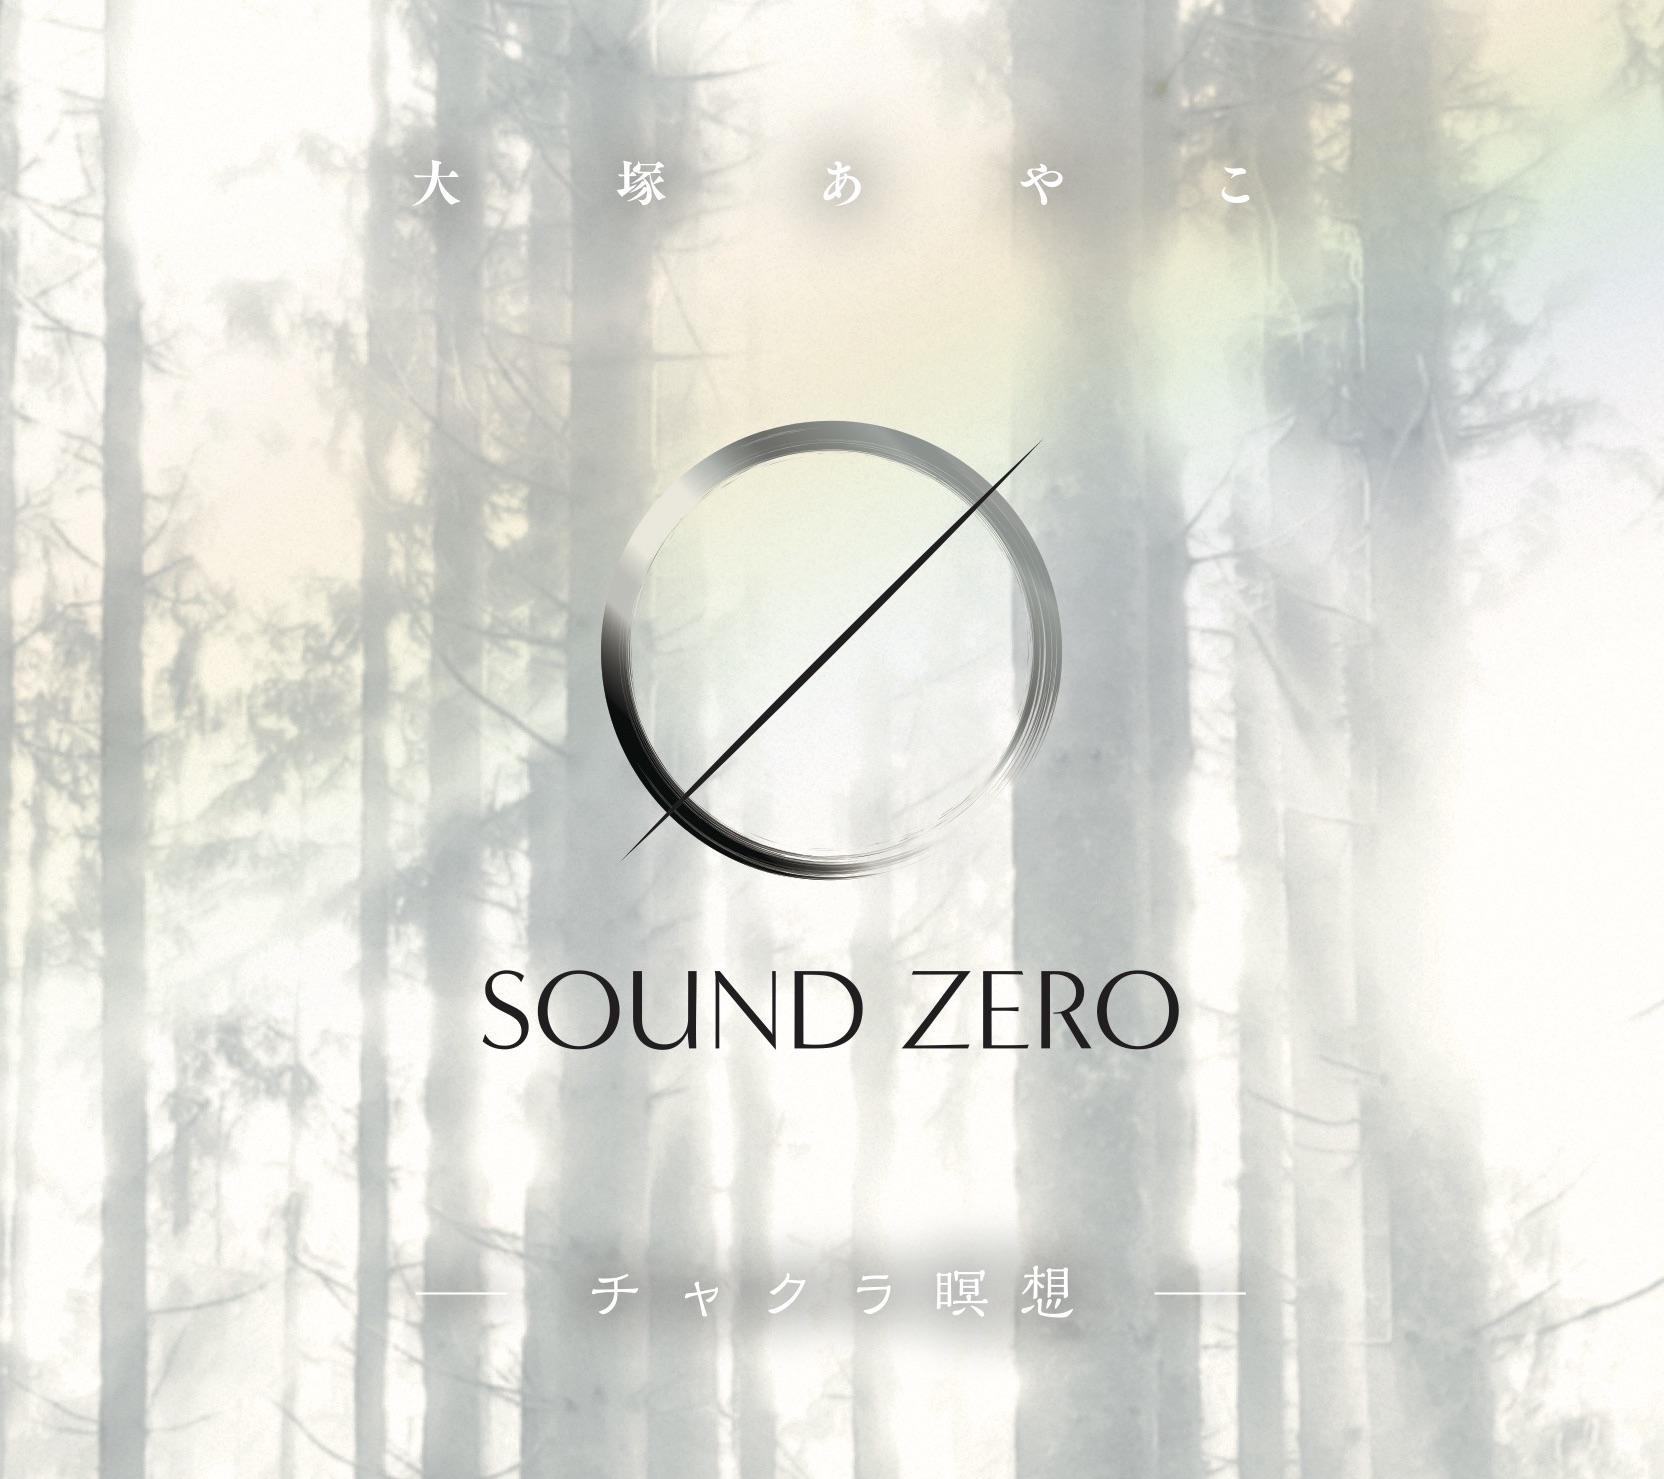 各チャクラの曲にこめられた意味「サウンドゼロ・チャクラ瞑想」